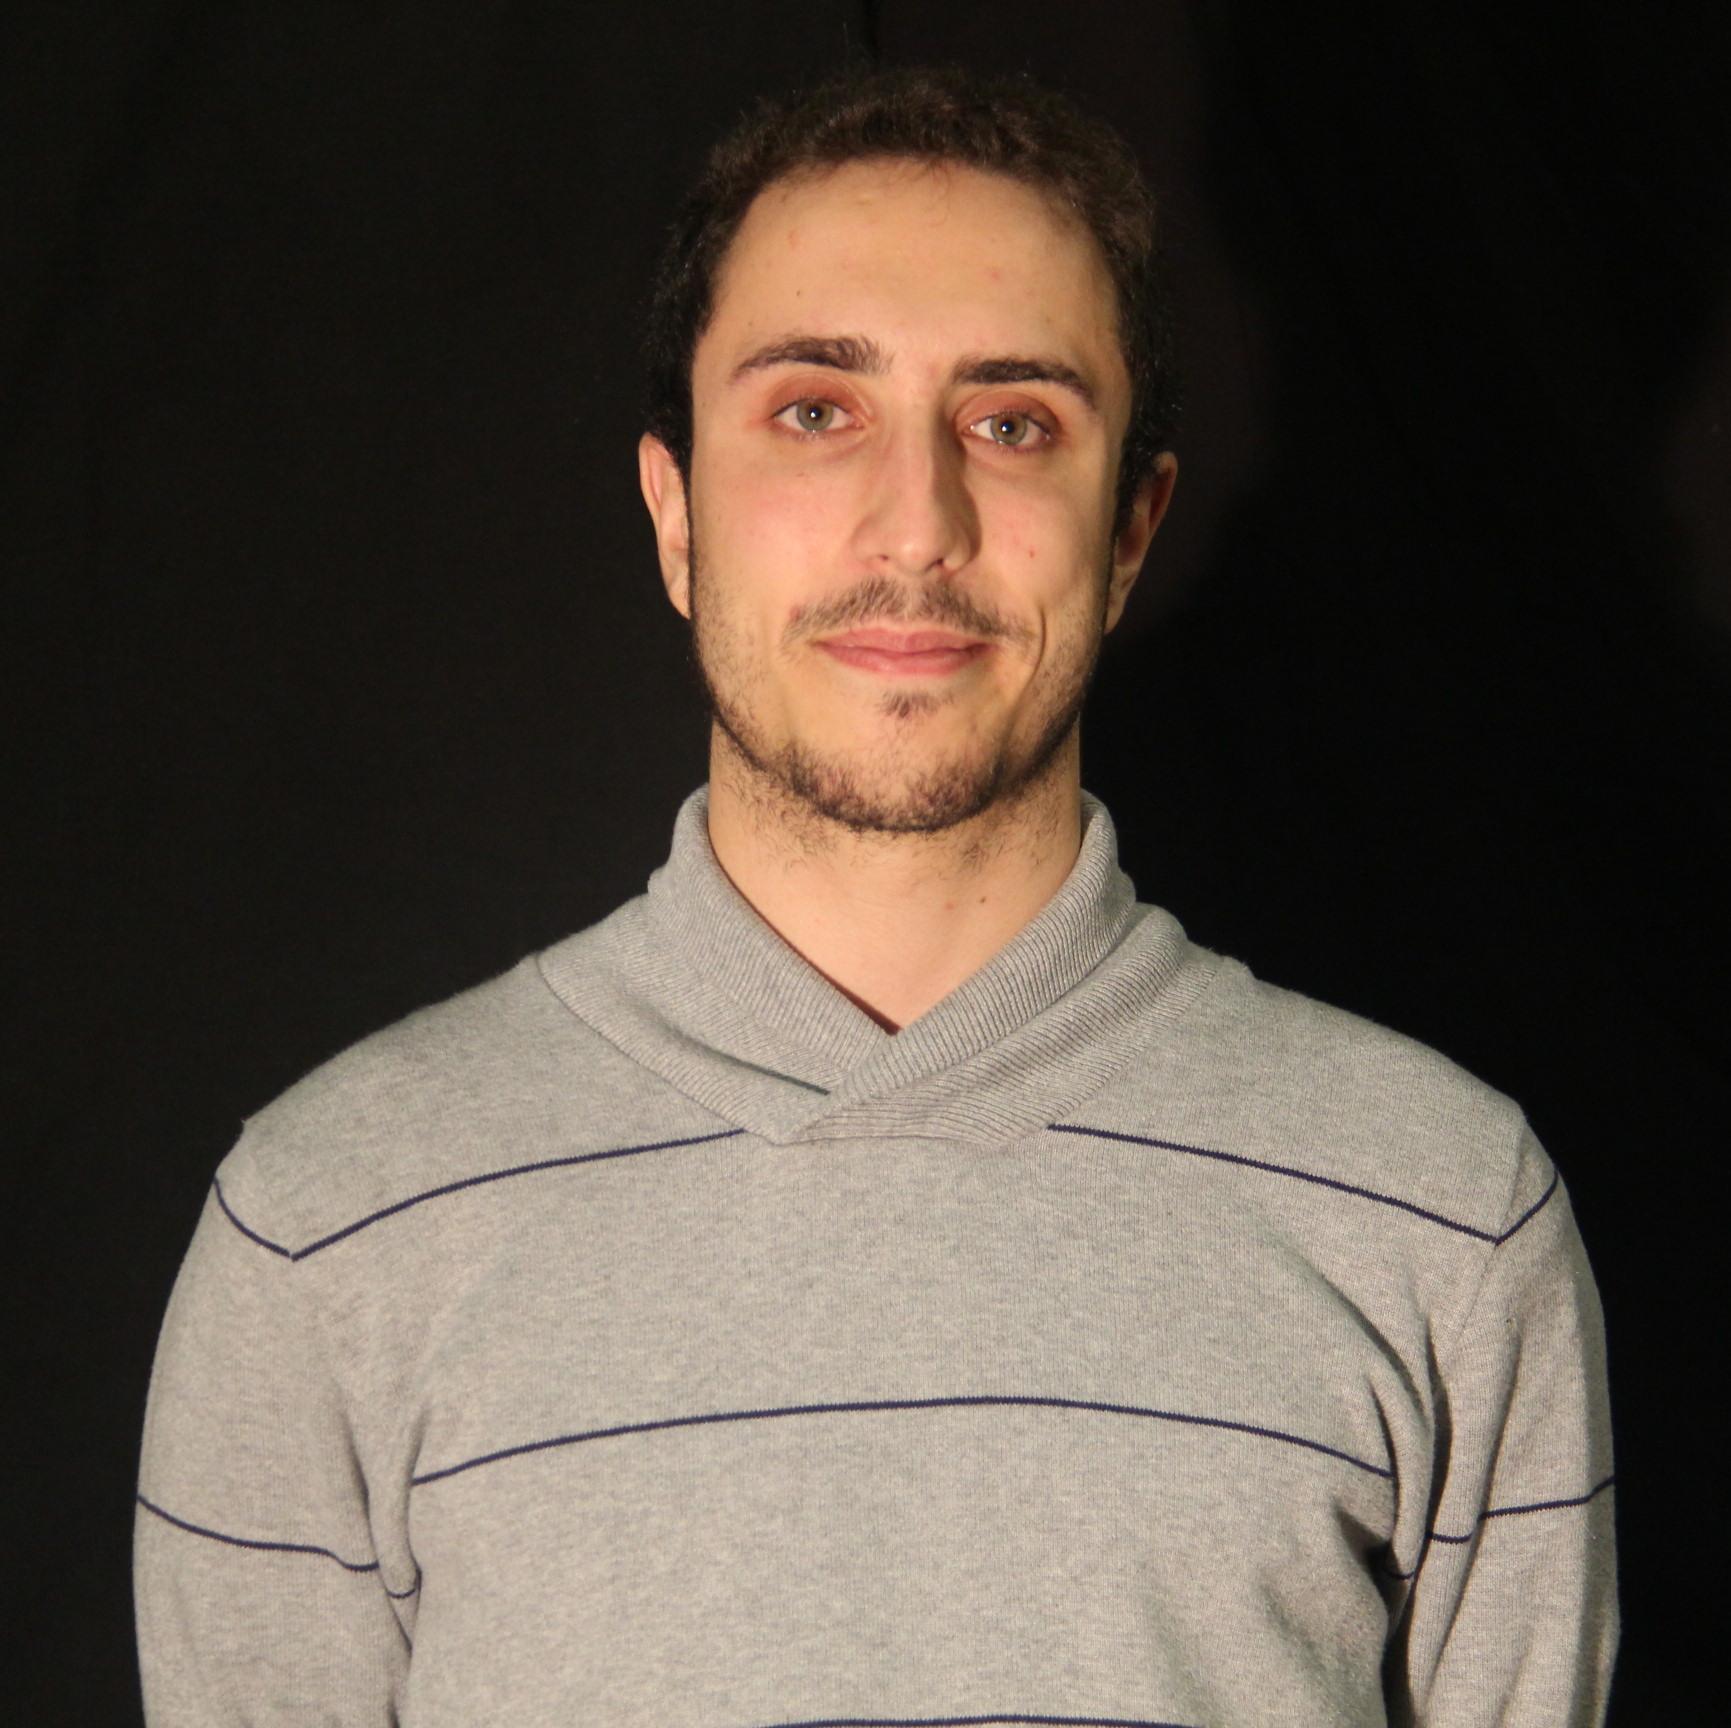 Santiago Pascual Serrano